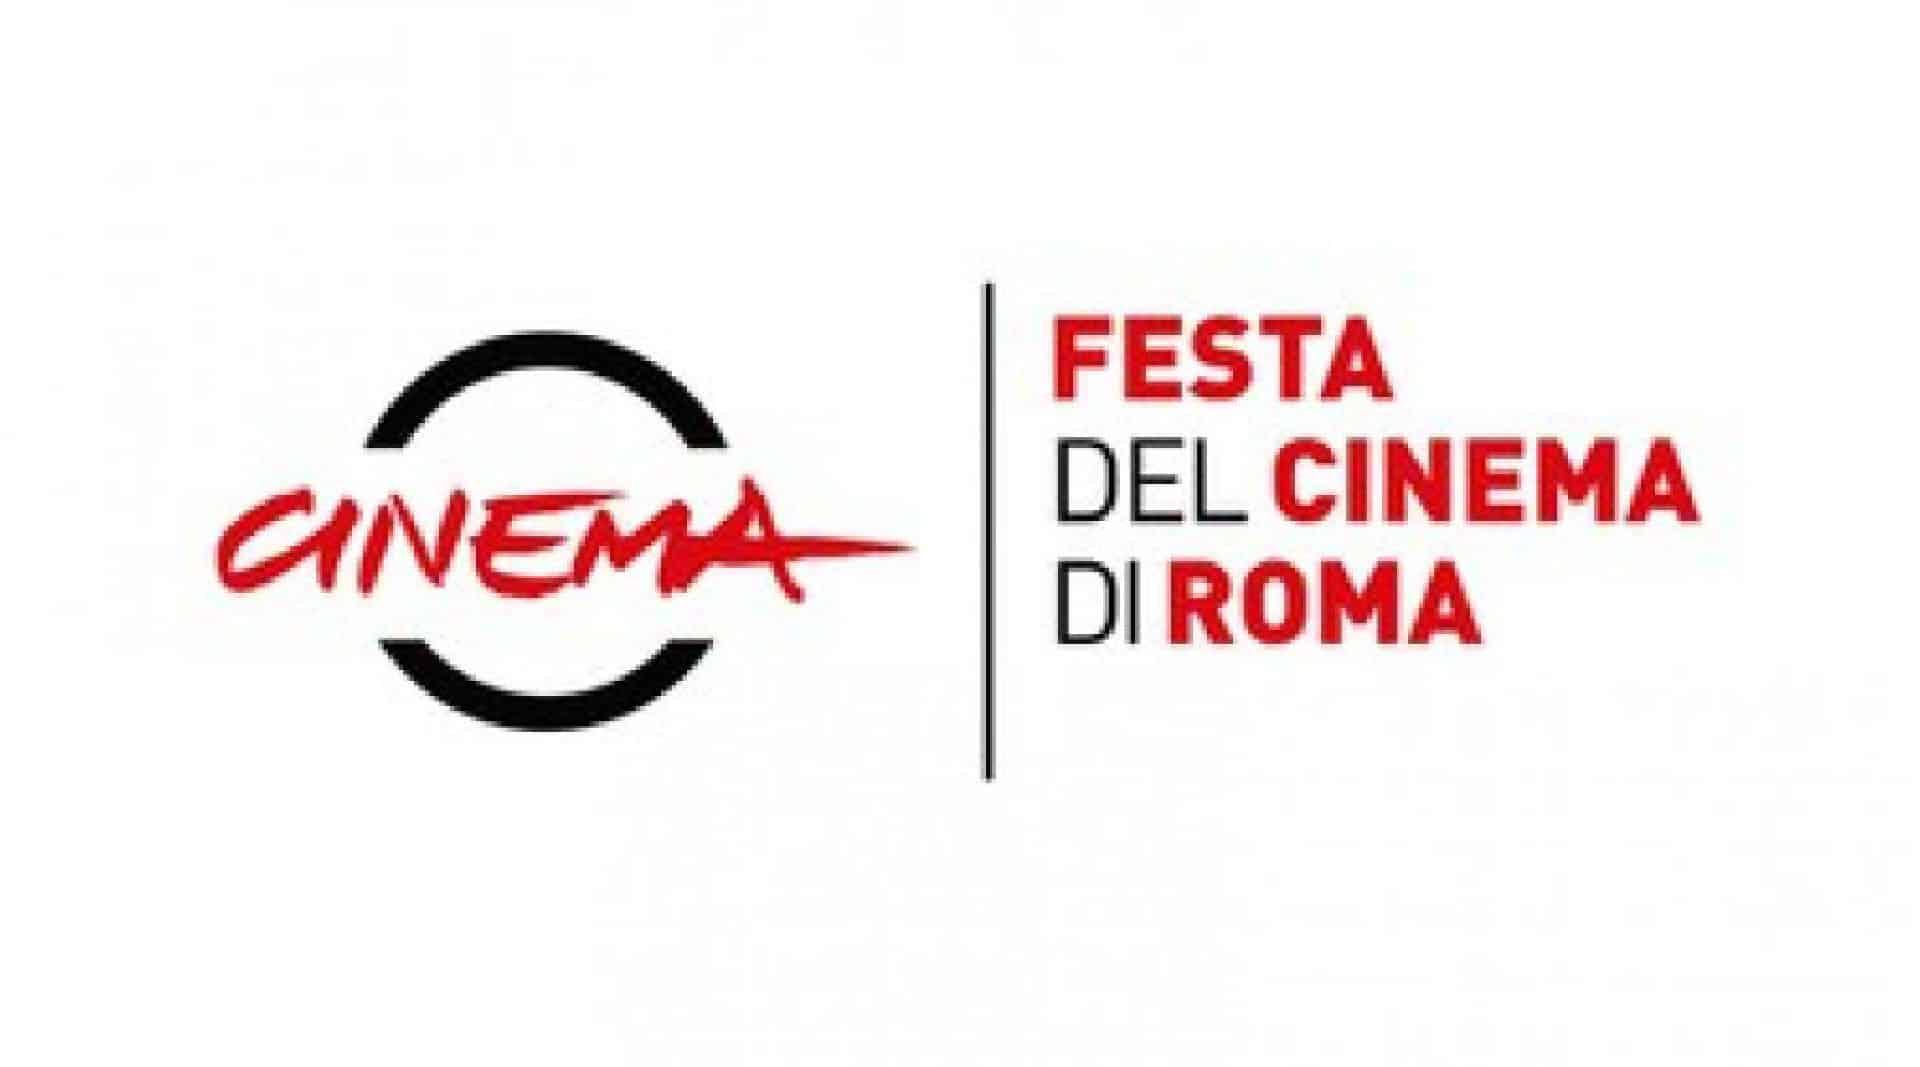 Festa del cinema di Roma 2019: anticipazioni della 14esima edizione